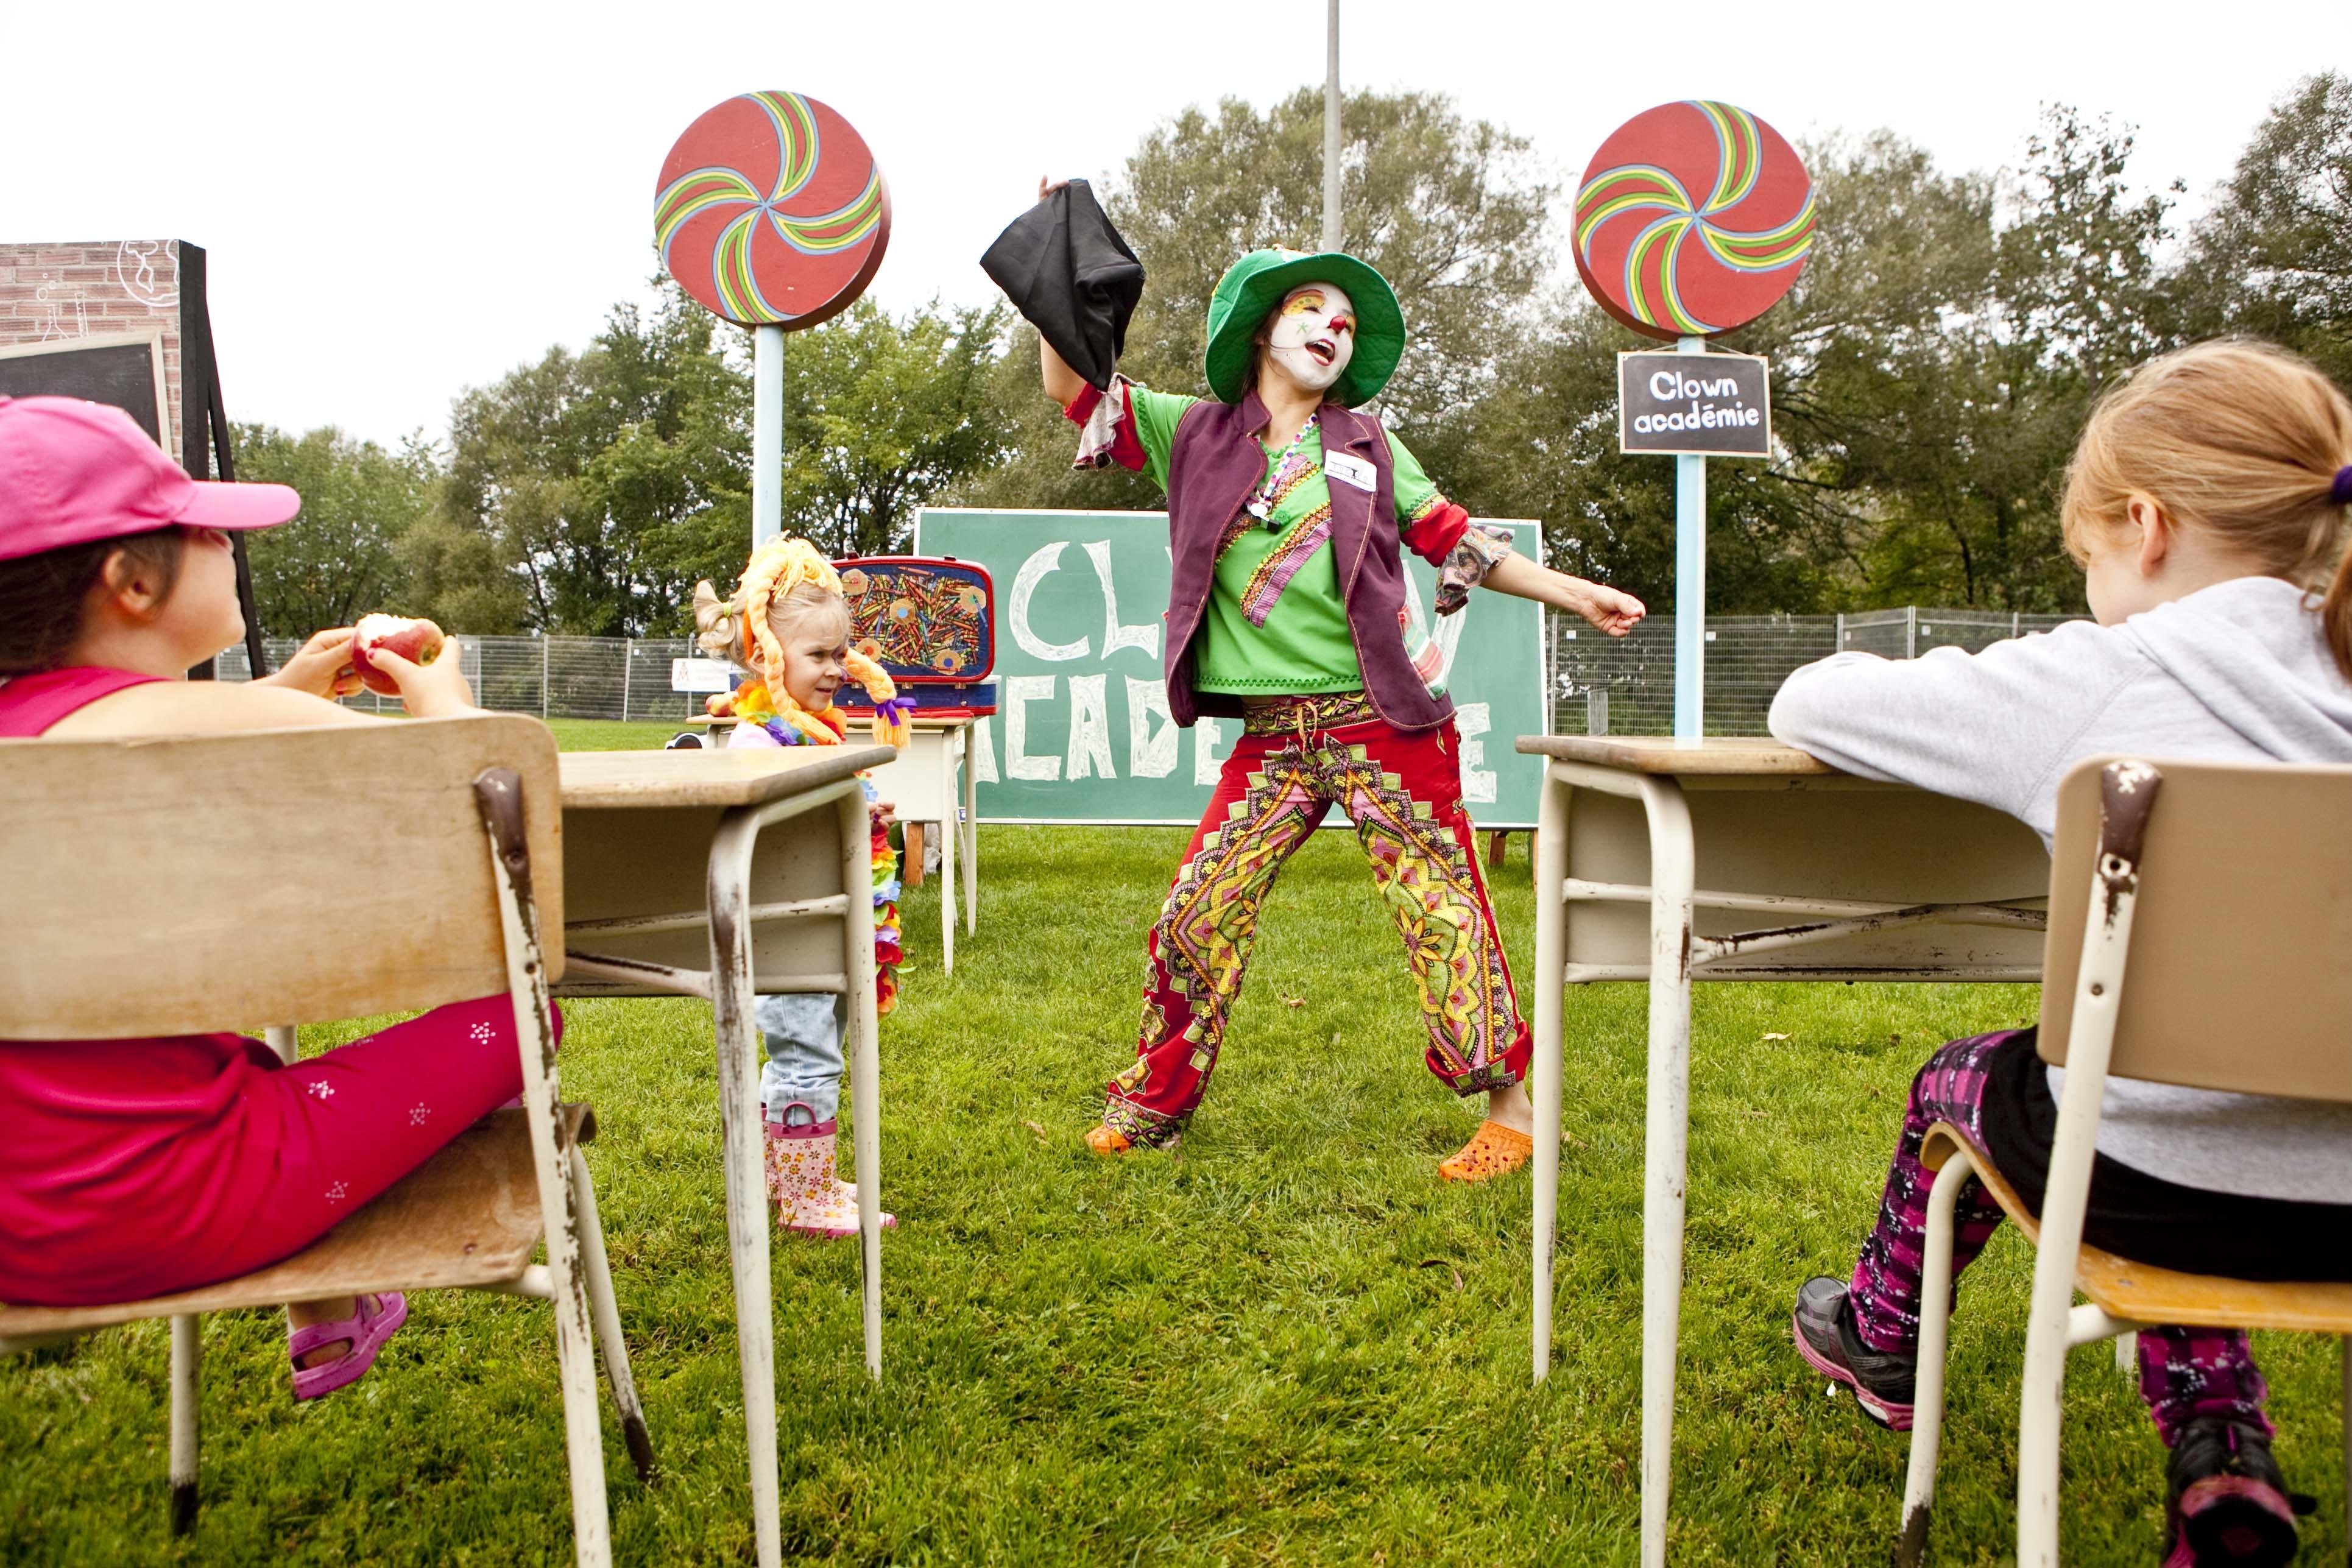 Art Clownesque